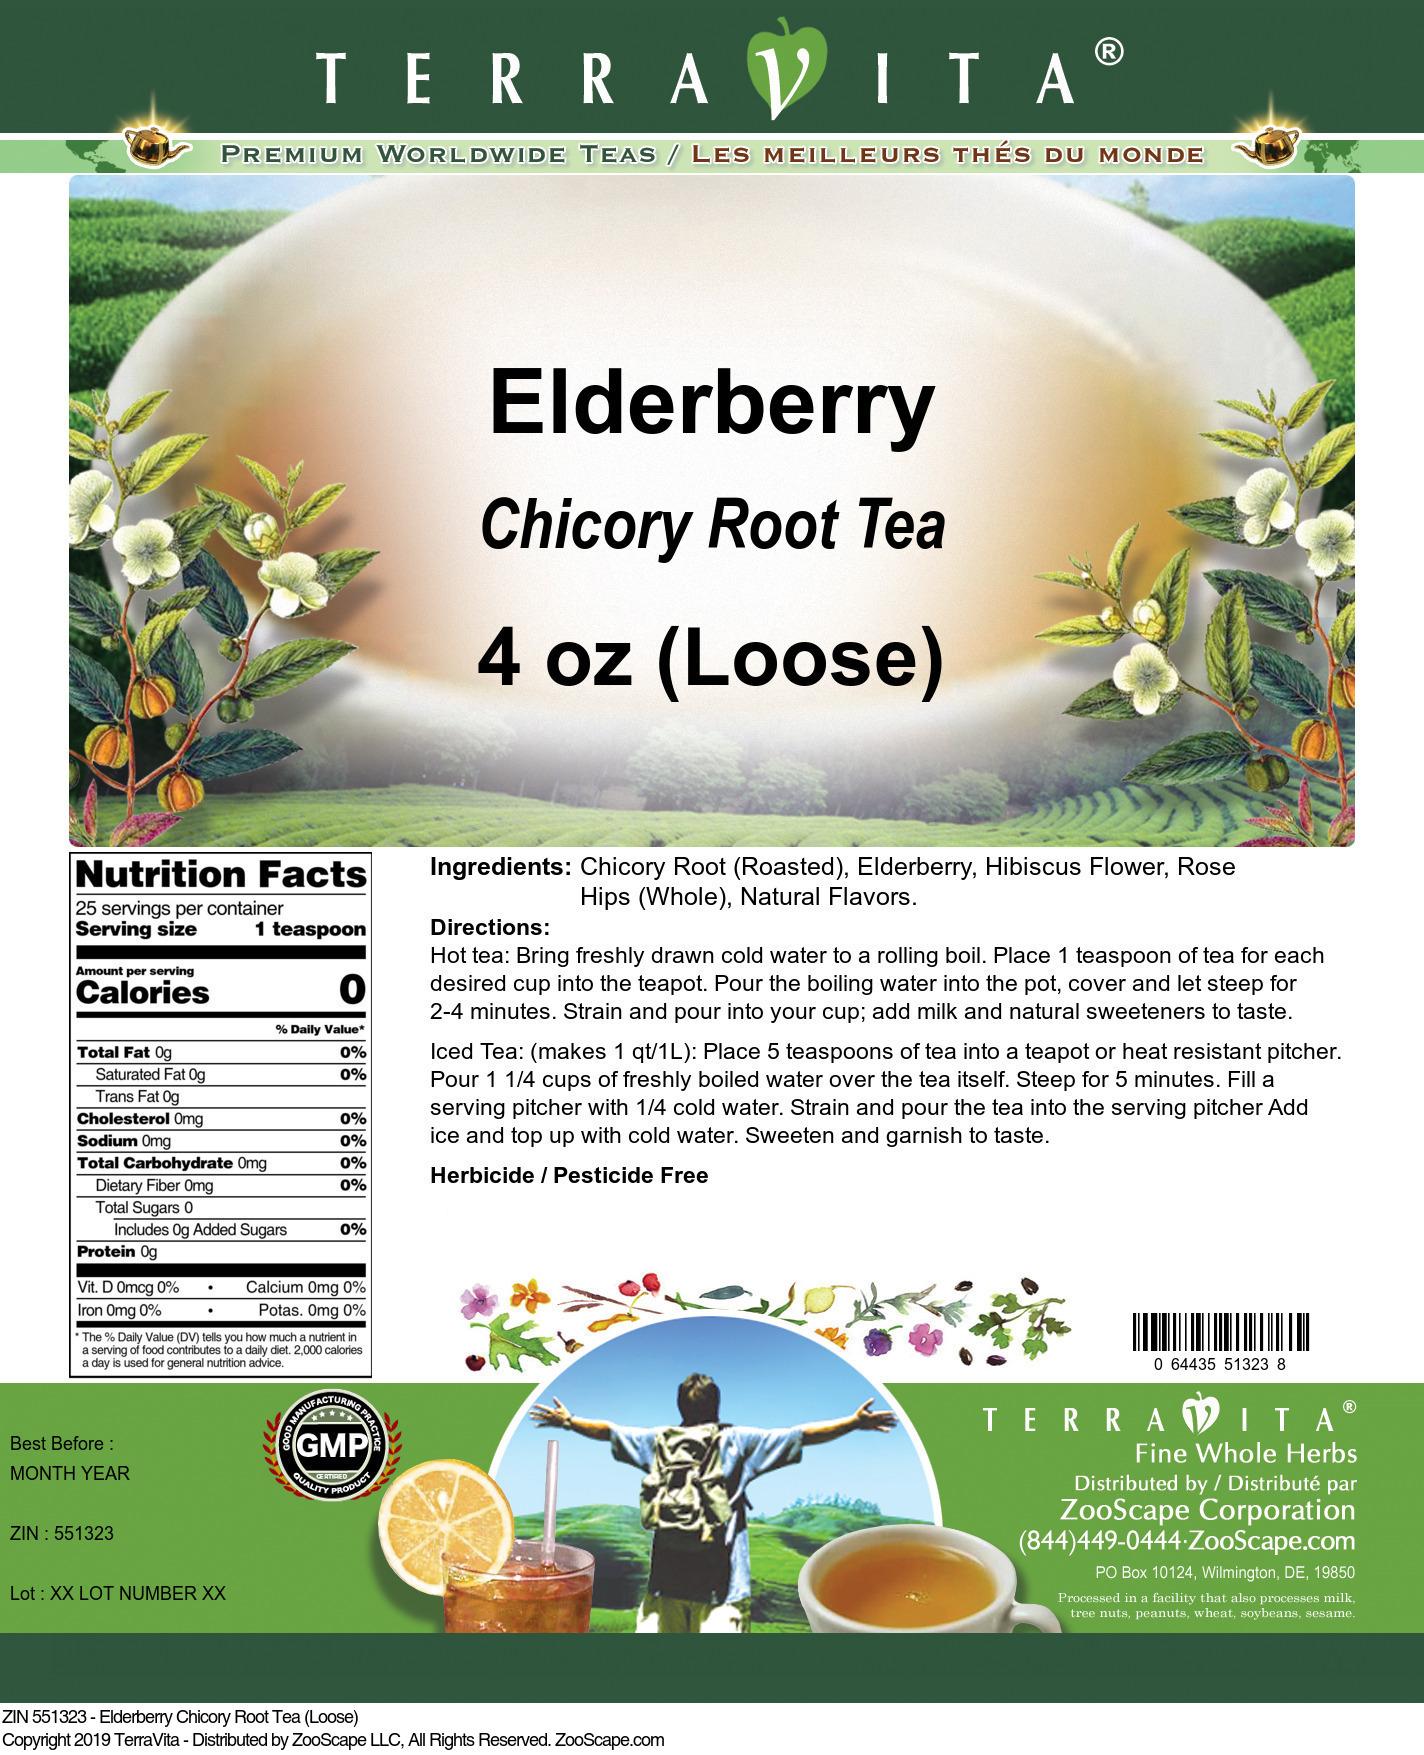 Elderberry Chicory Root Tea (Loose)